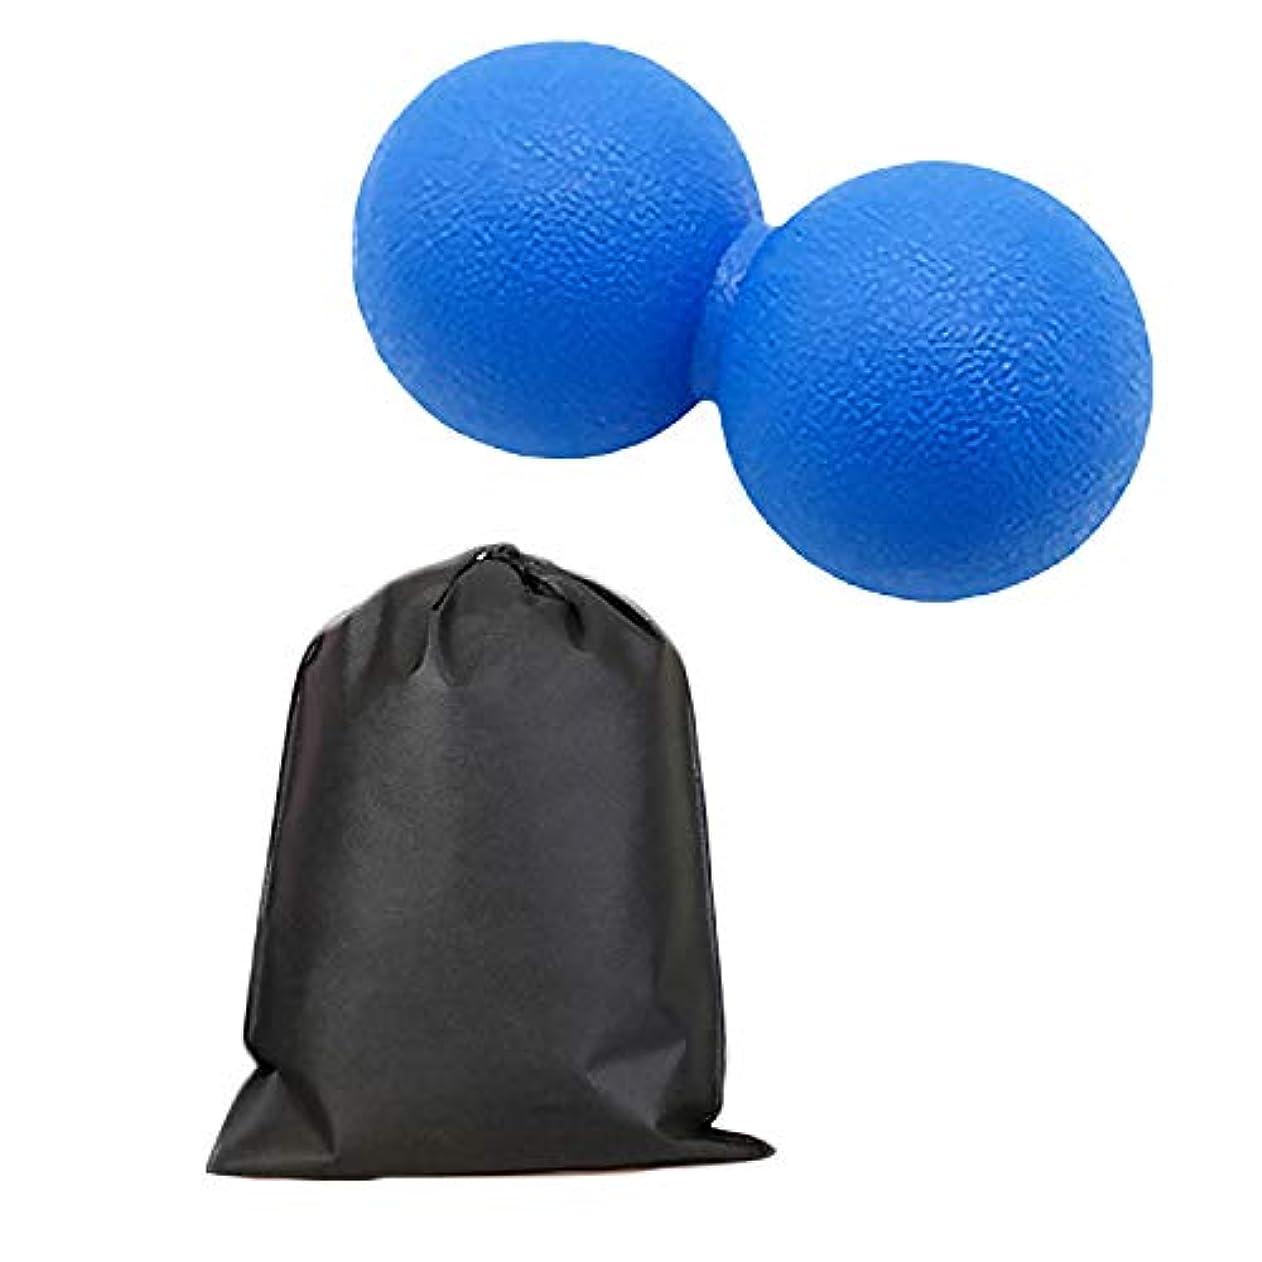 丘削減訴えるMigavan マッサージボールローラーバックマッサージボール収納袋が付いているピーナツマッサージのローラーボールのマッサージャー